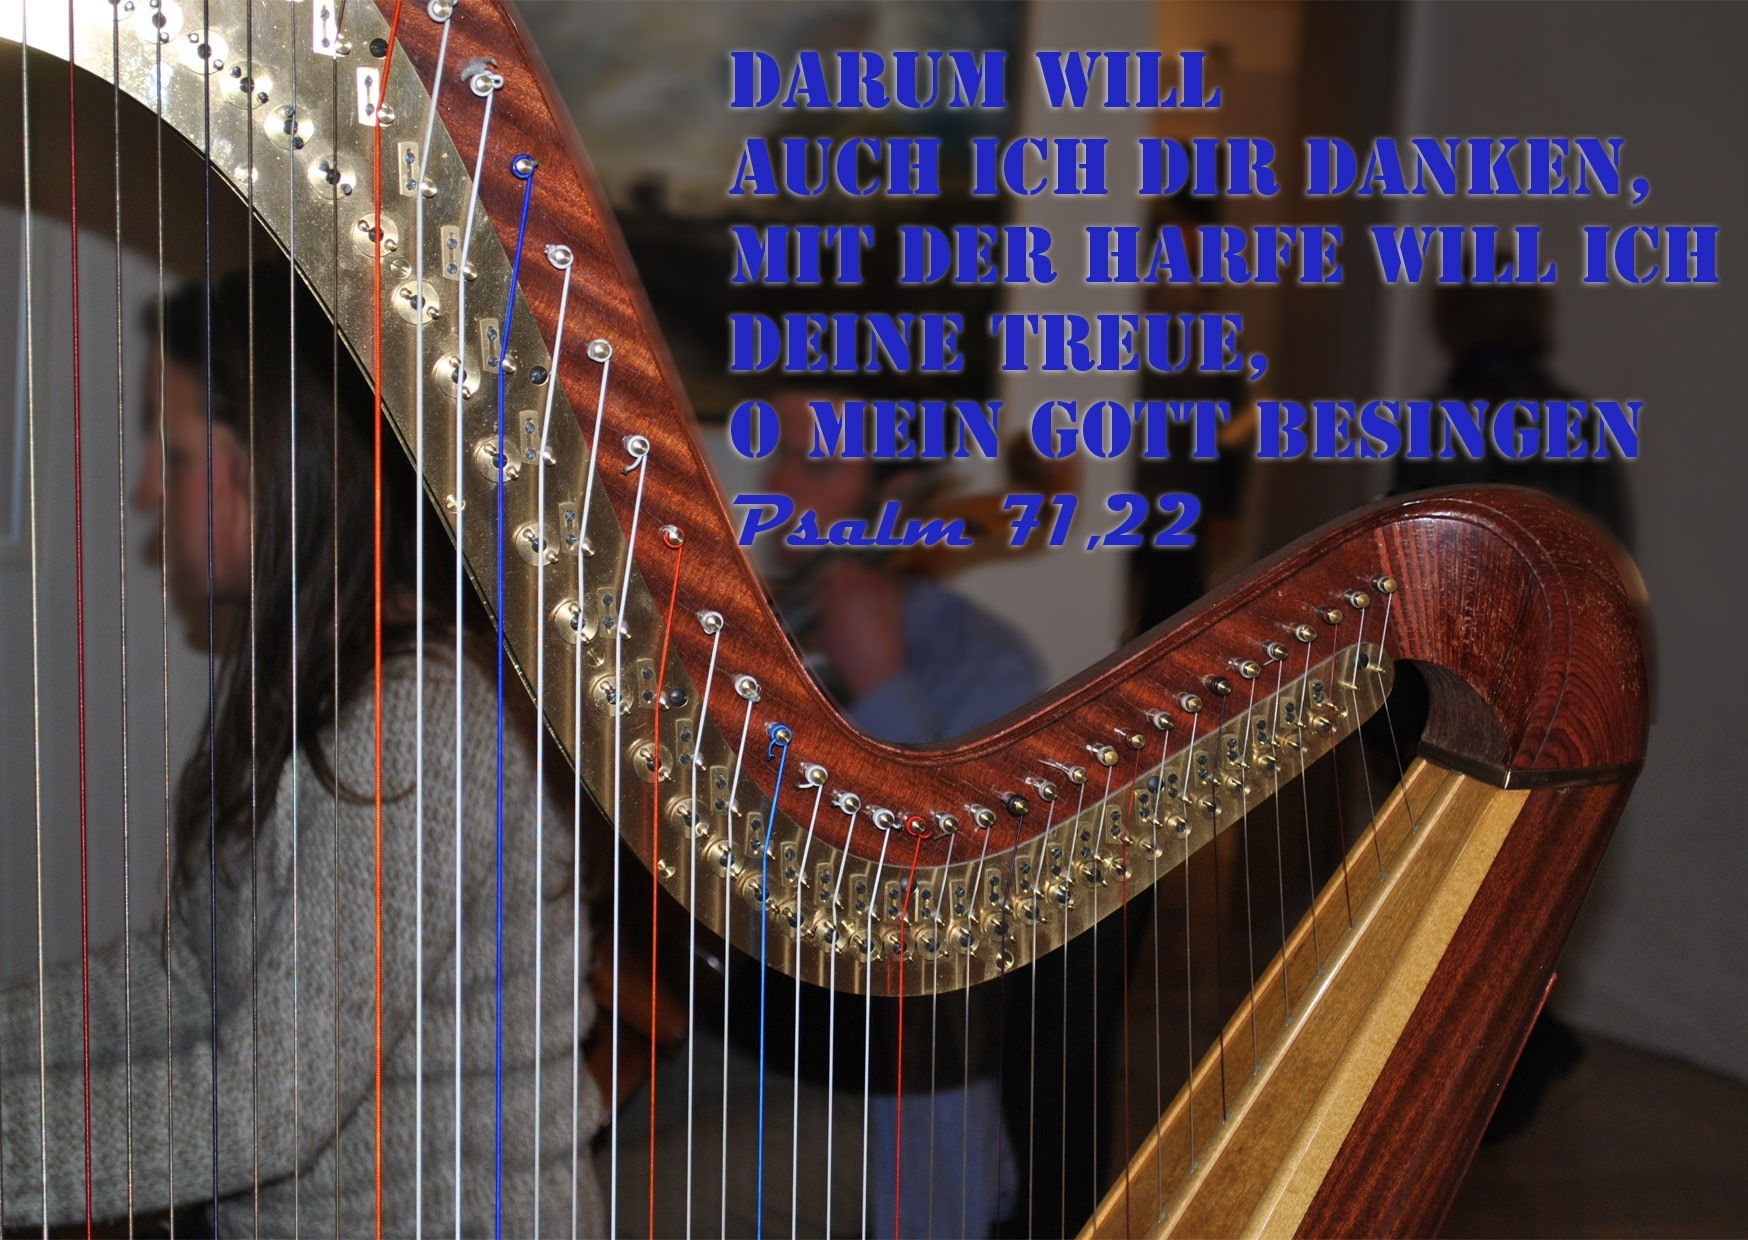 Bibelzitat, Harfe, Psalm 71,22, Foto: Christine Danzer, Jesus, Bibel